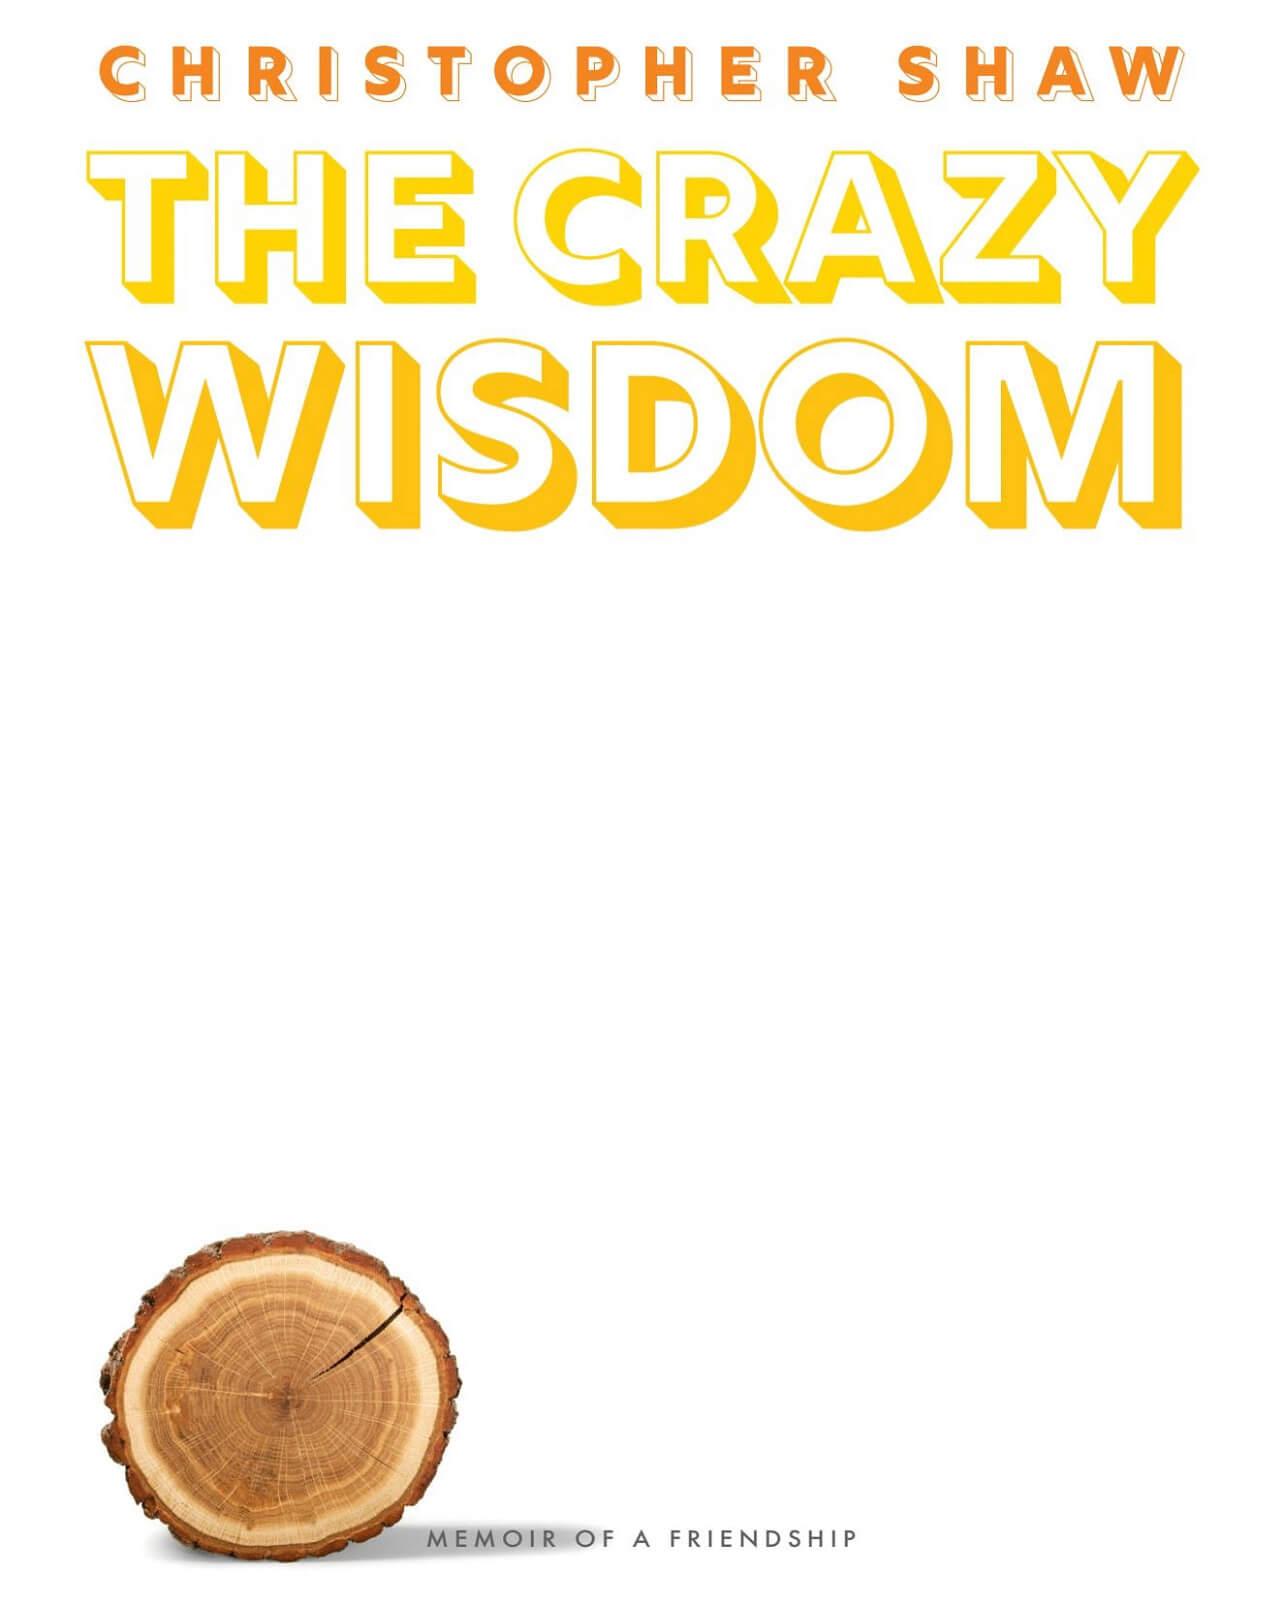 The Crazy Wisdom (book cover)